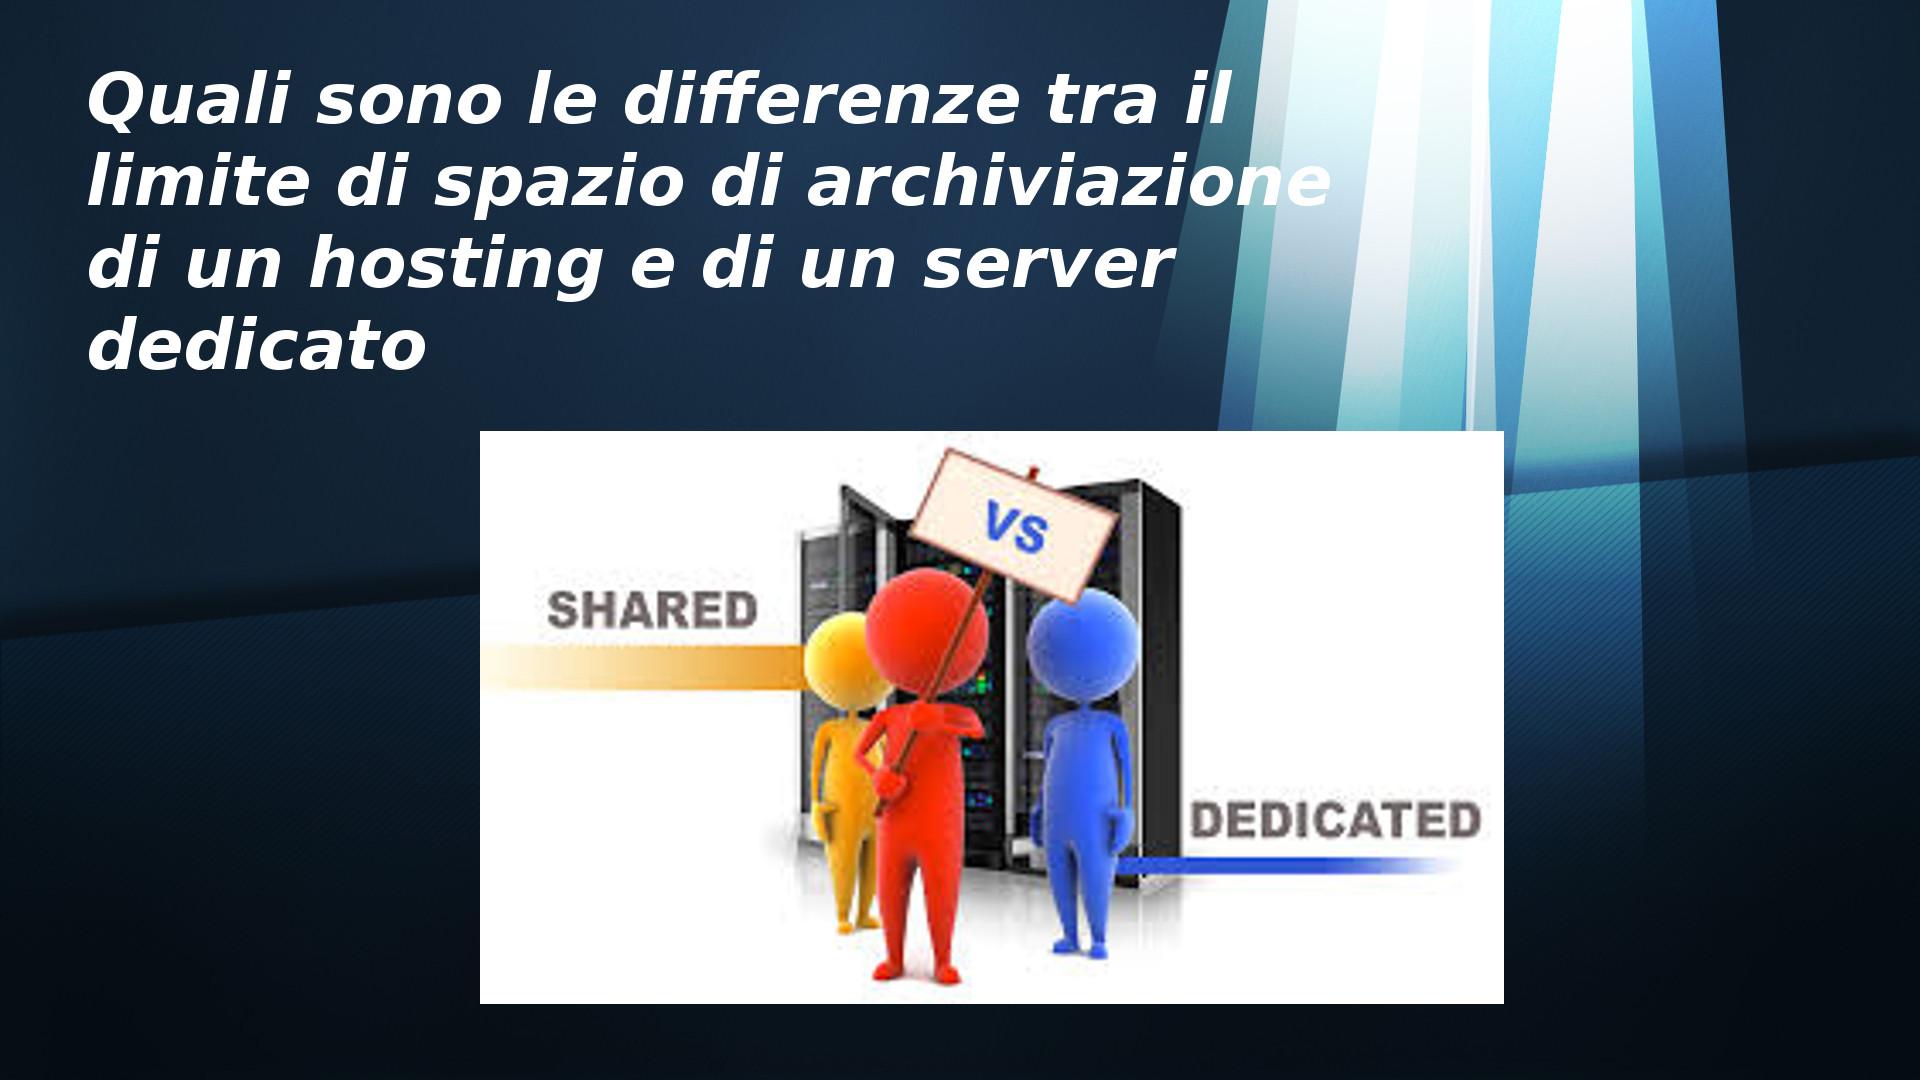 Quali sono le differenze dei limiti di spazio di archiviazione tra hosting e server dedicati